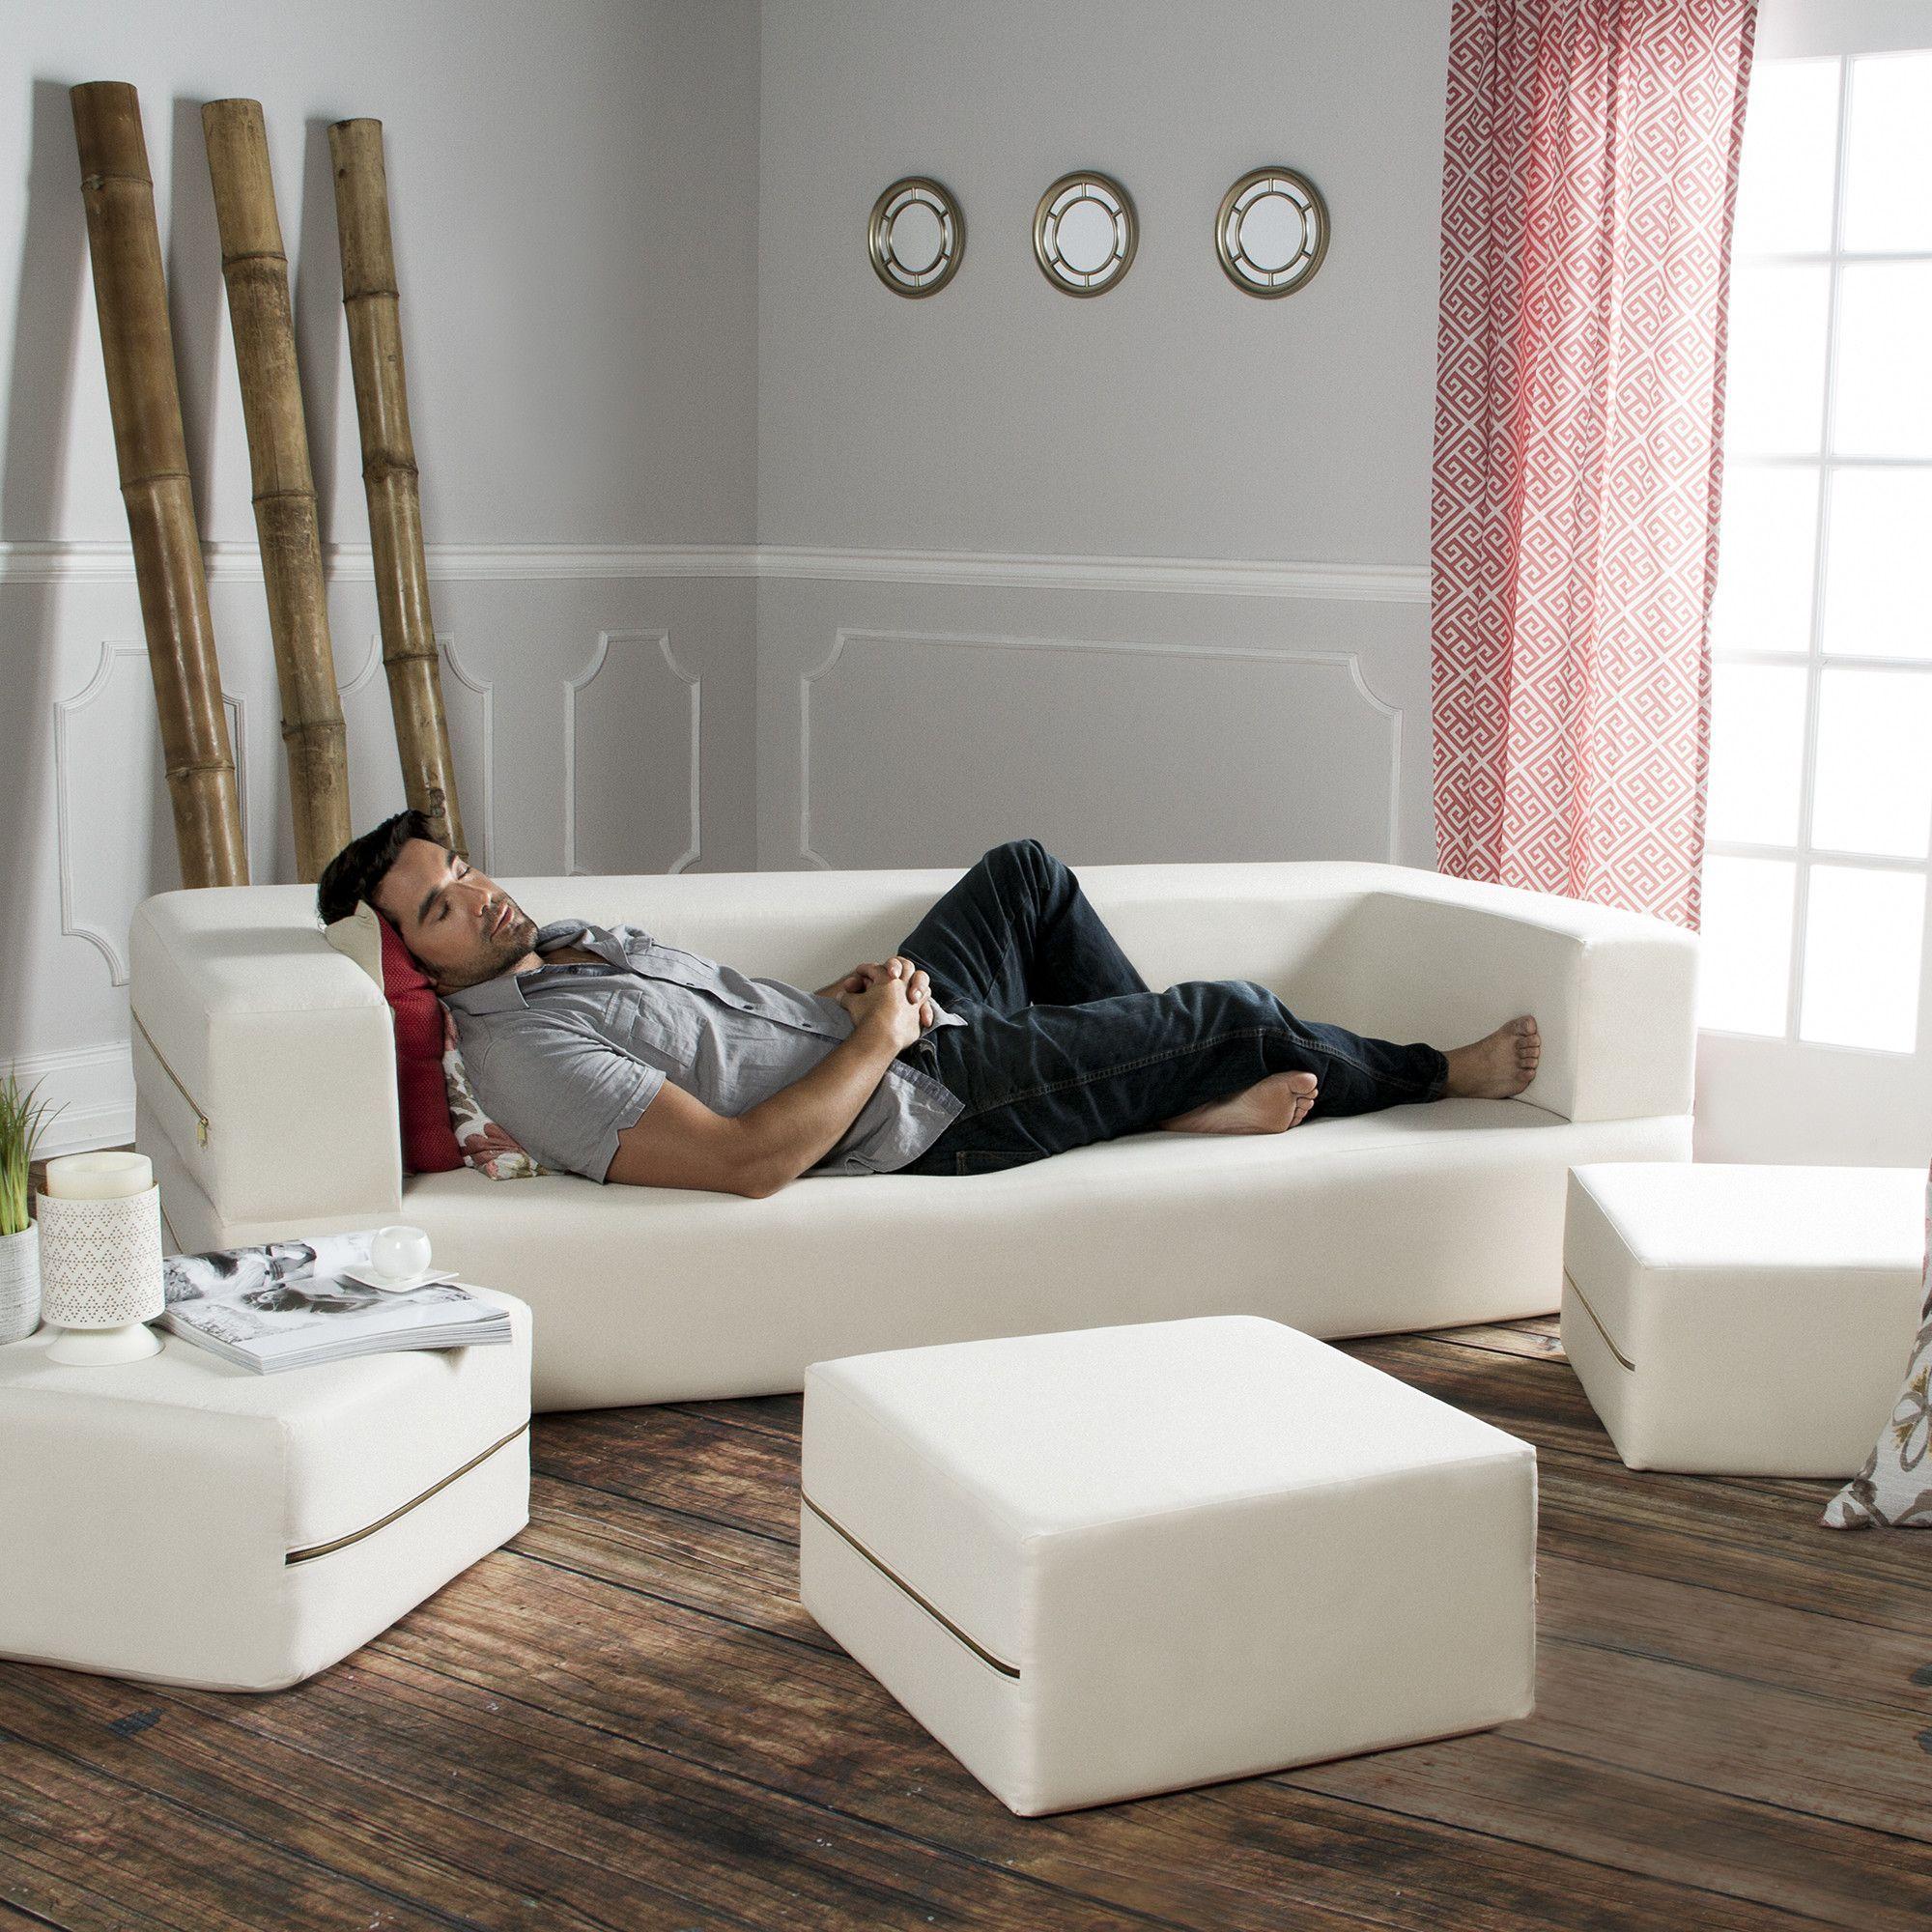 Zipline Modular Denim Sofa u0026 Ottomans Zipline